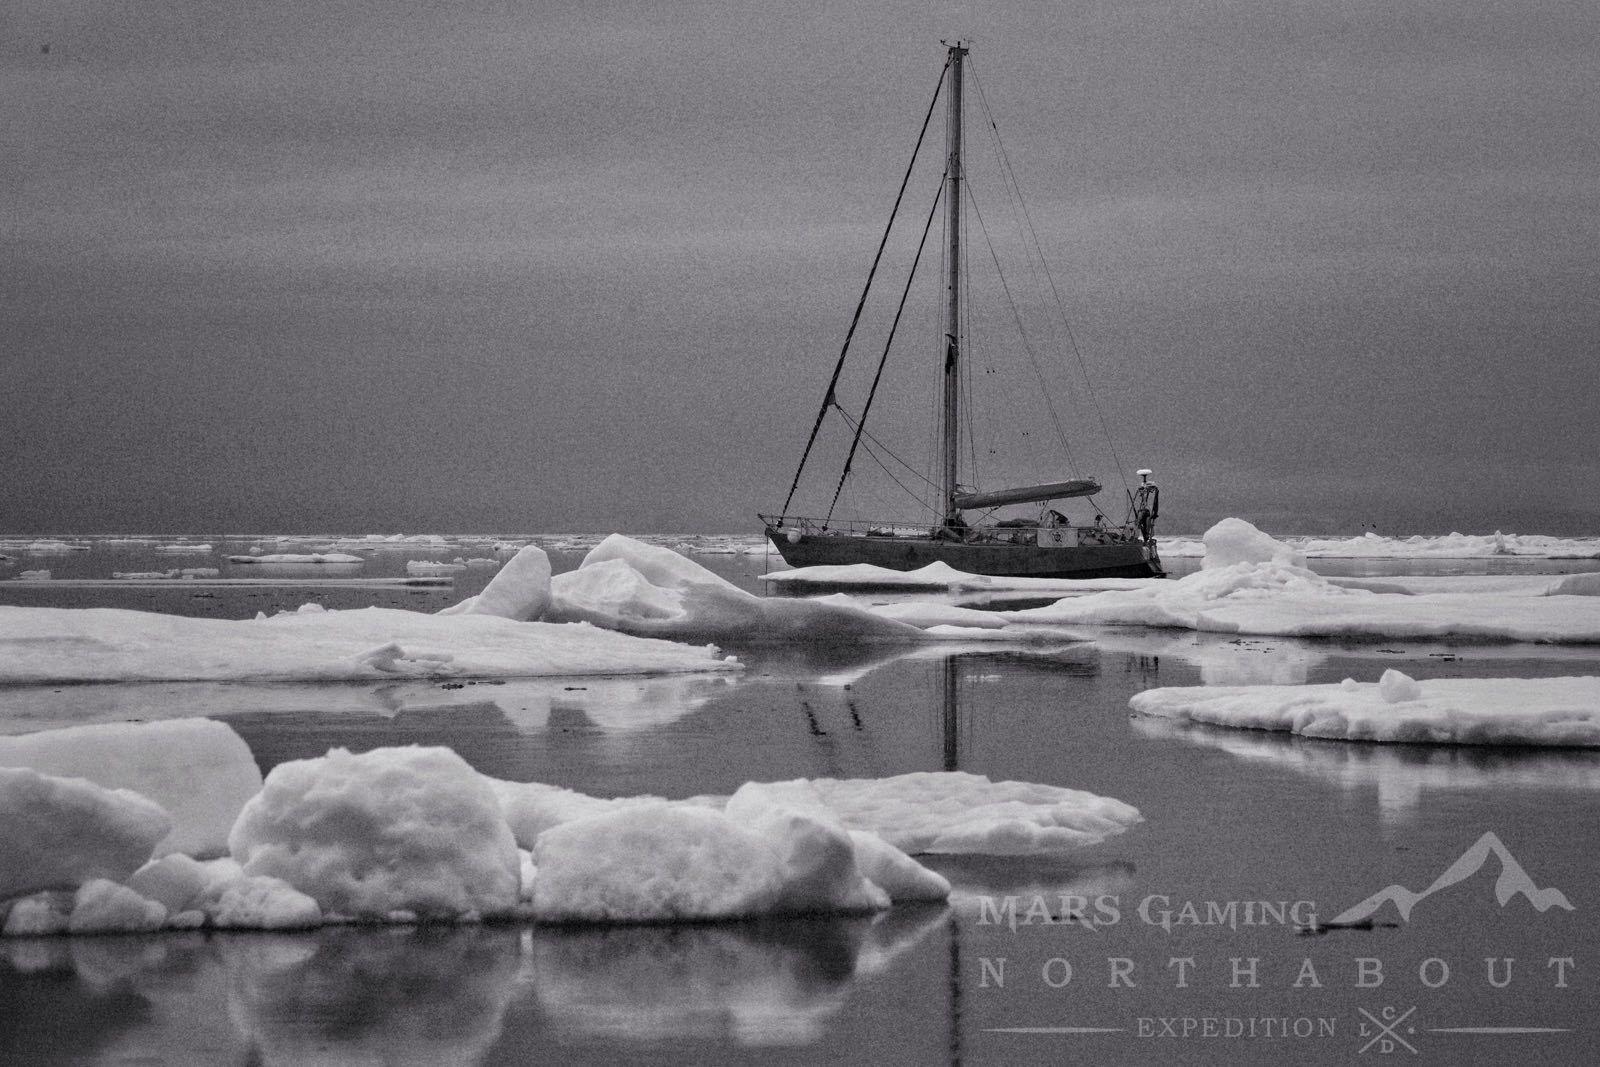 Northabout atrapado en el hielo